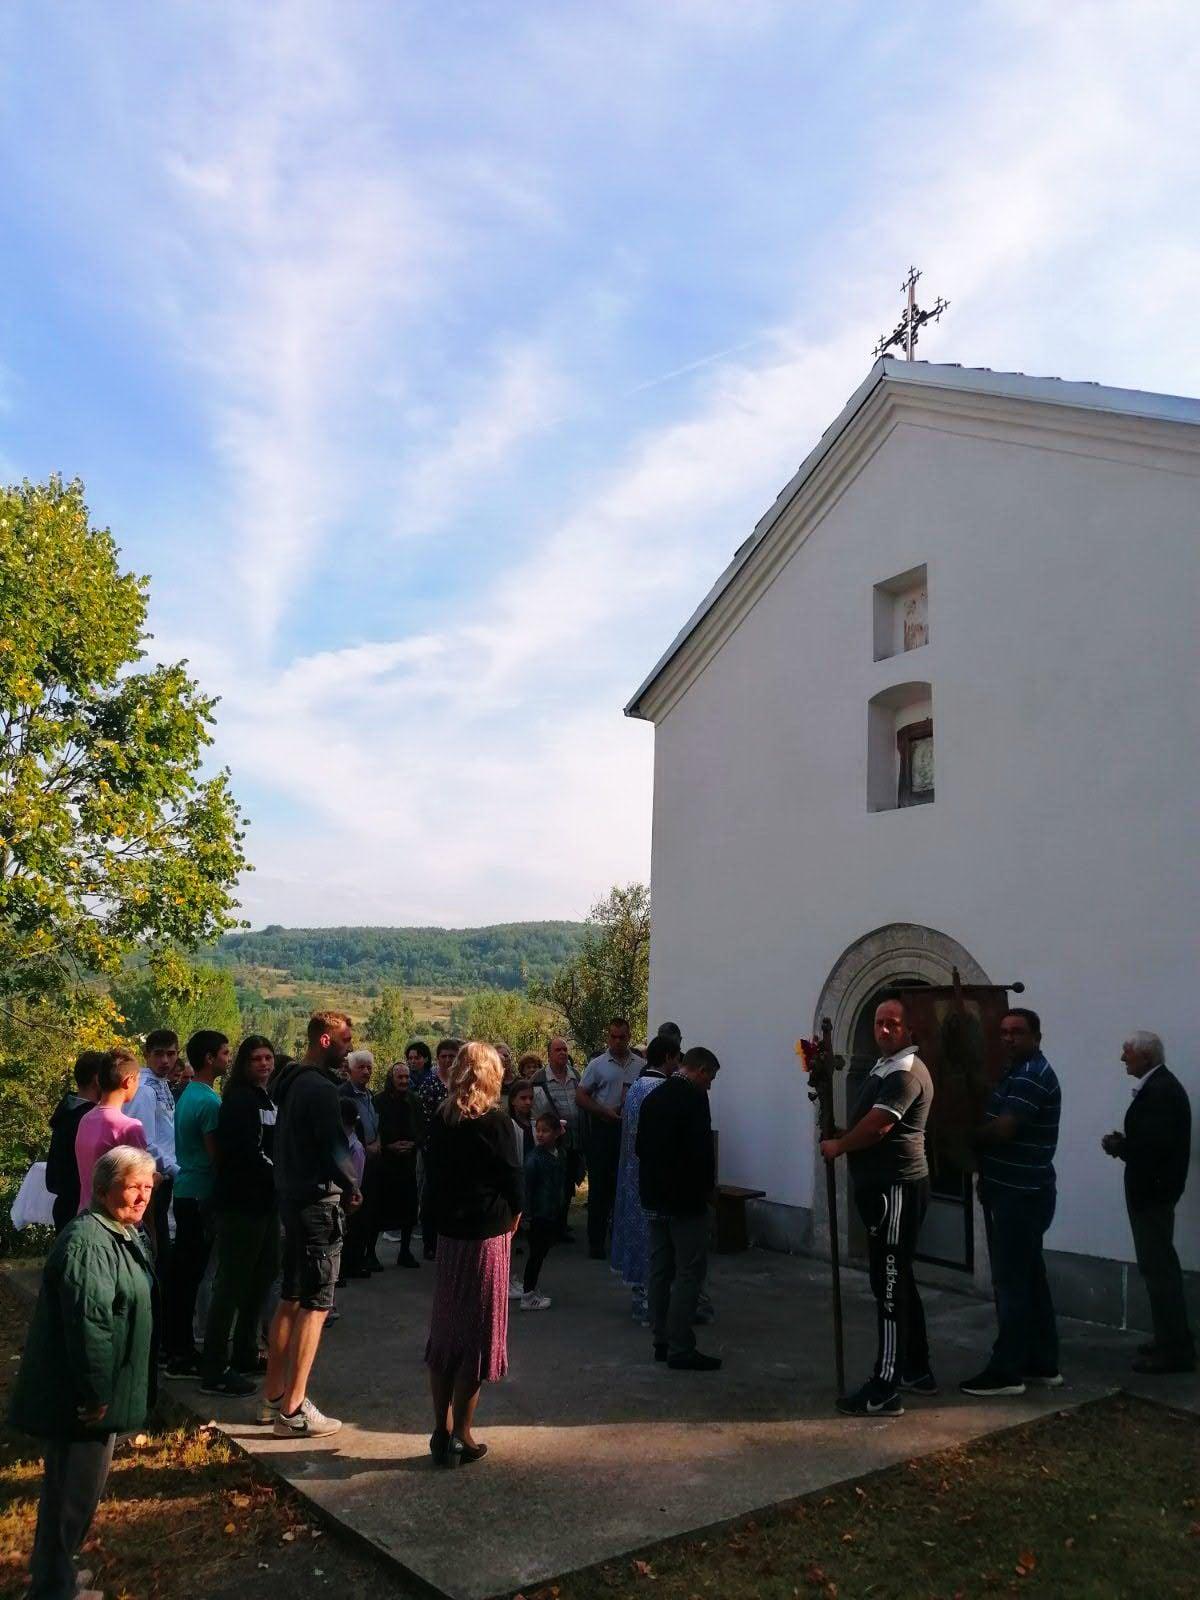 Fotografija preuzeta sa Fejsbuk profila svrljiške crkve